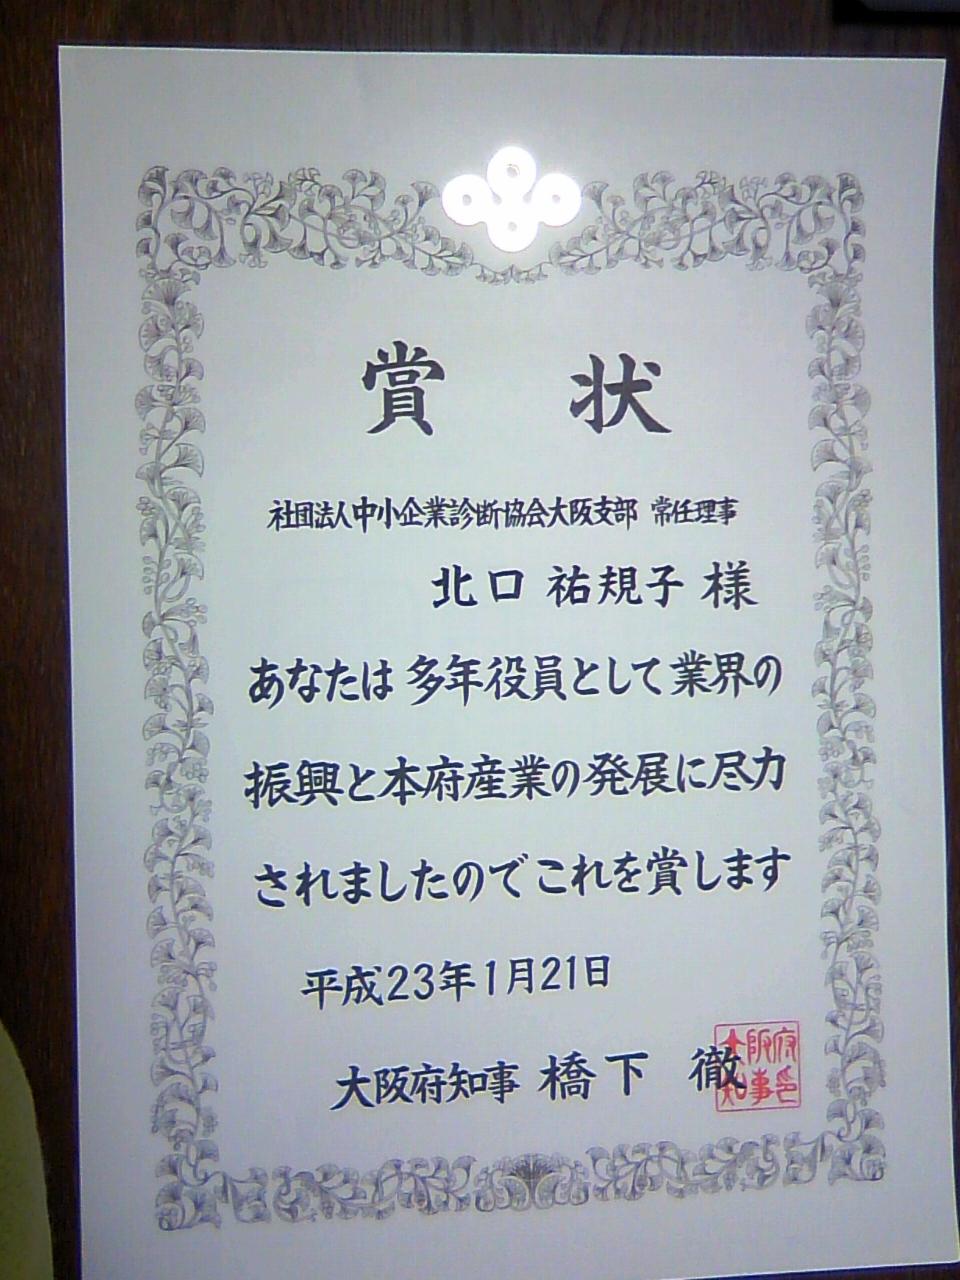 大阪府商工関連表彰